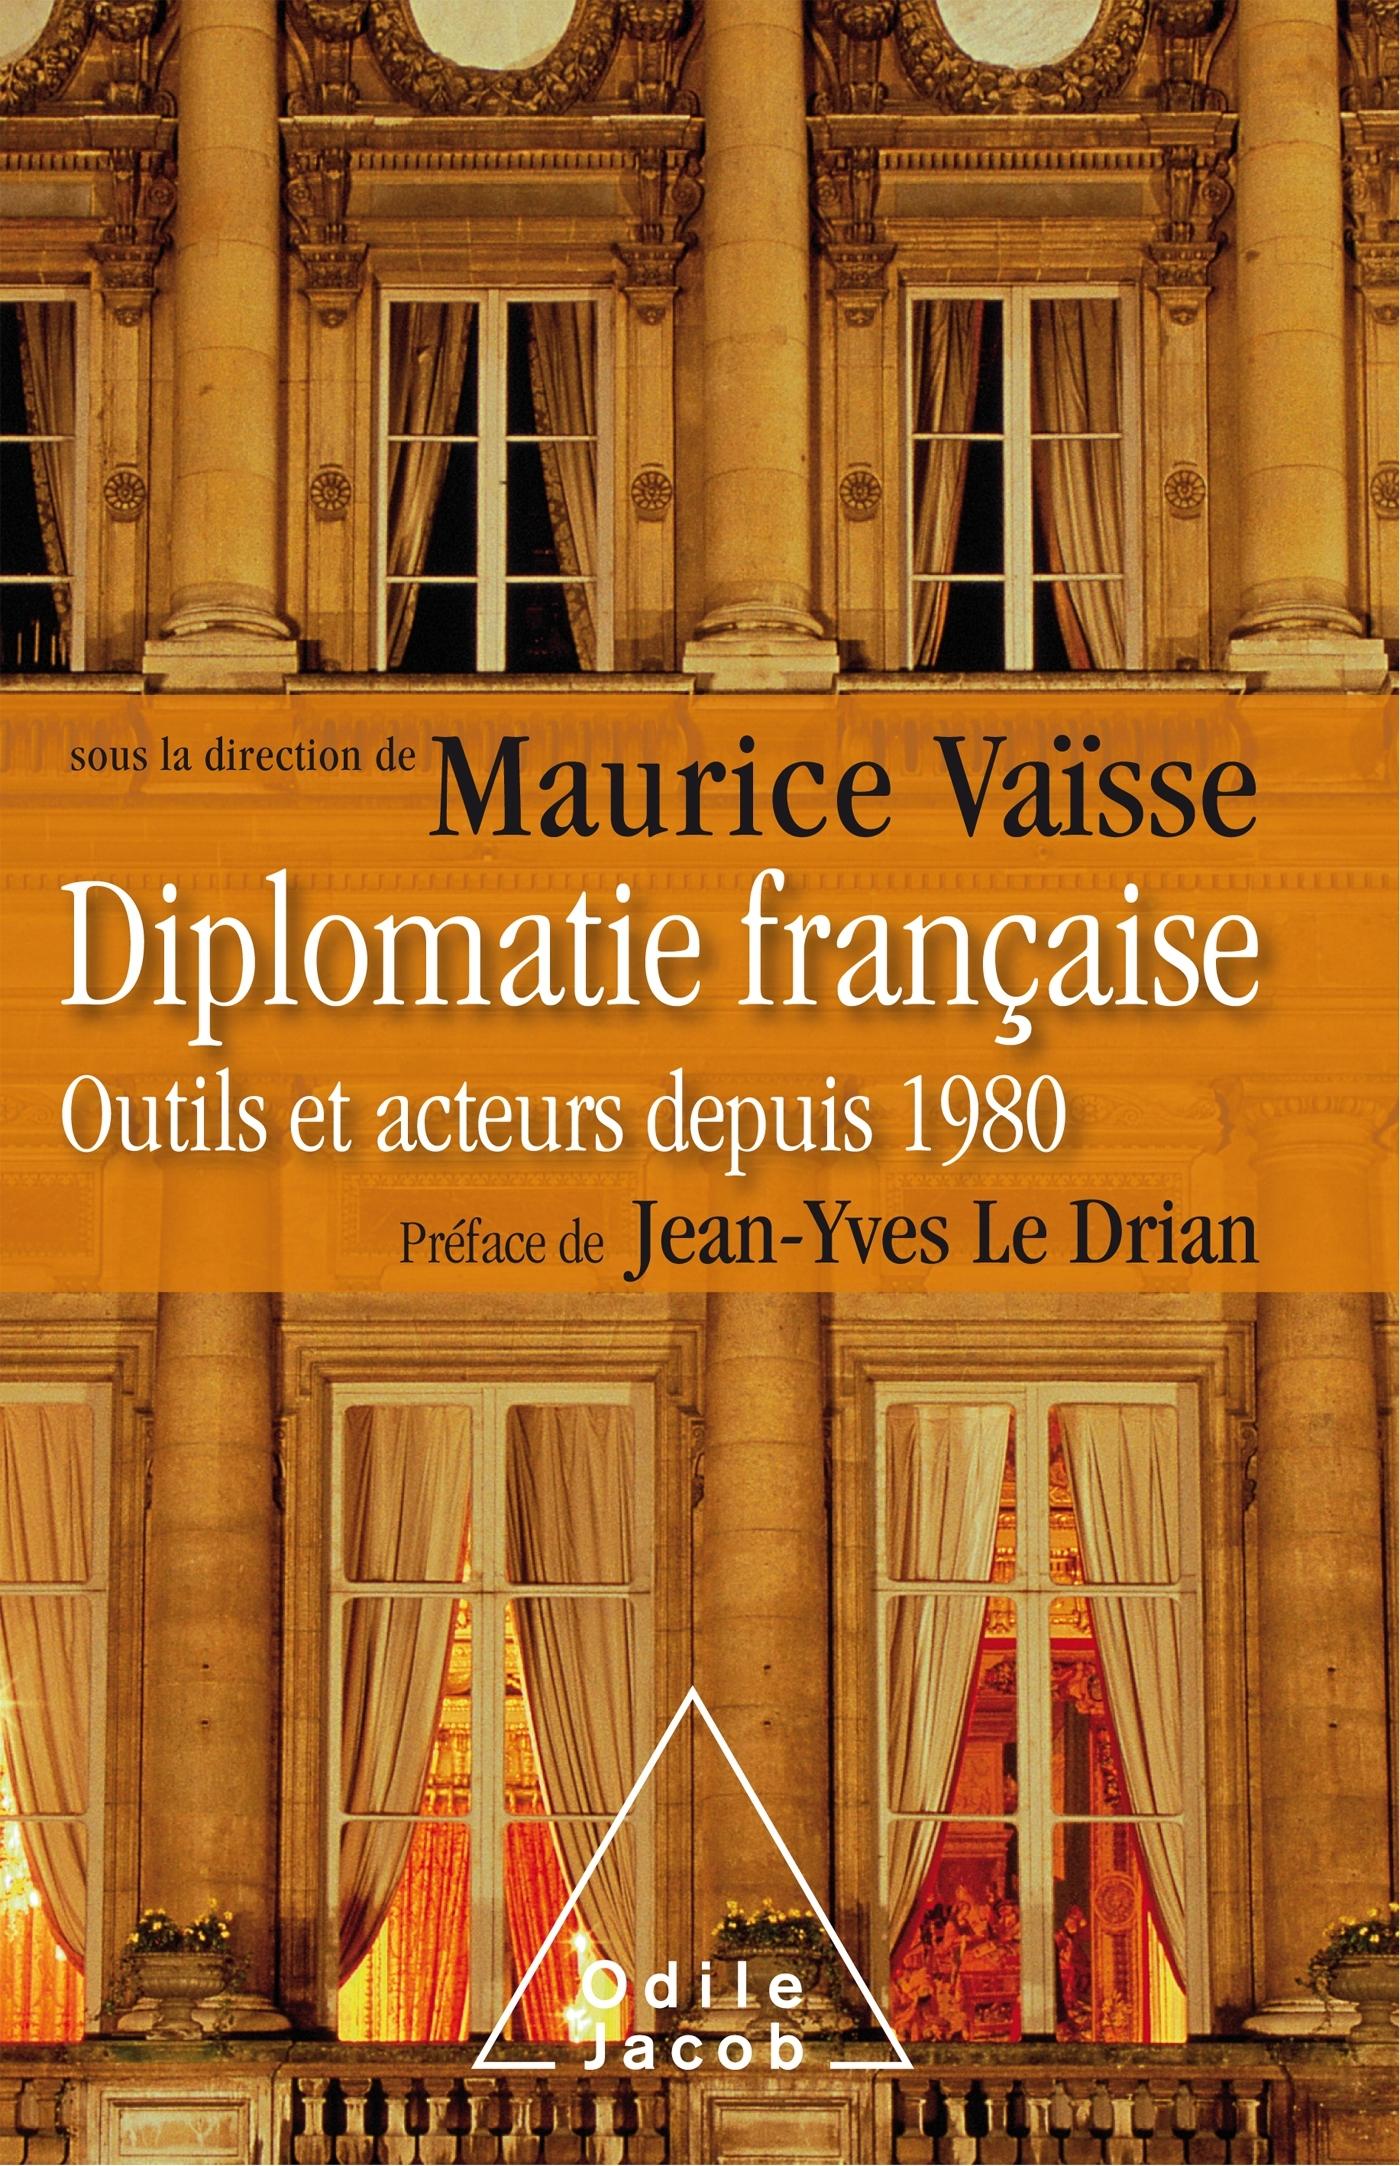 DIPLOMATIE FRANCAISE - OUTILS ET ACTEURS DE LA DIPLOMATIE FRANCAISE